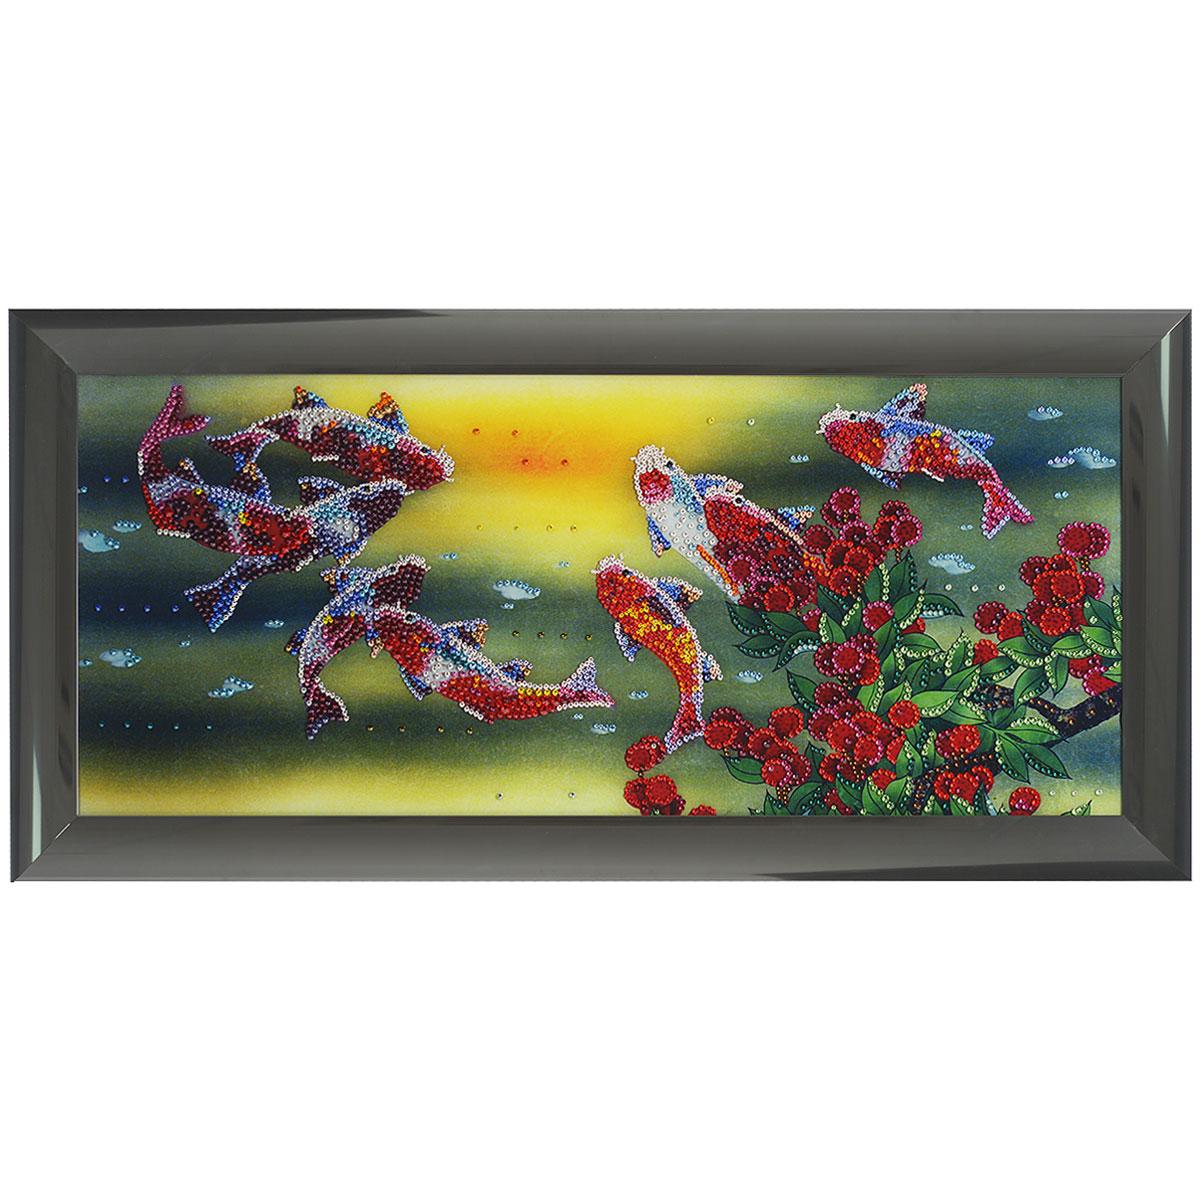 Картина с кристаллами Swarovski Рыбы Тай, 77,5 см х 37,5 см картины в квартиру картина etude 2 102х130 см